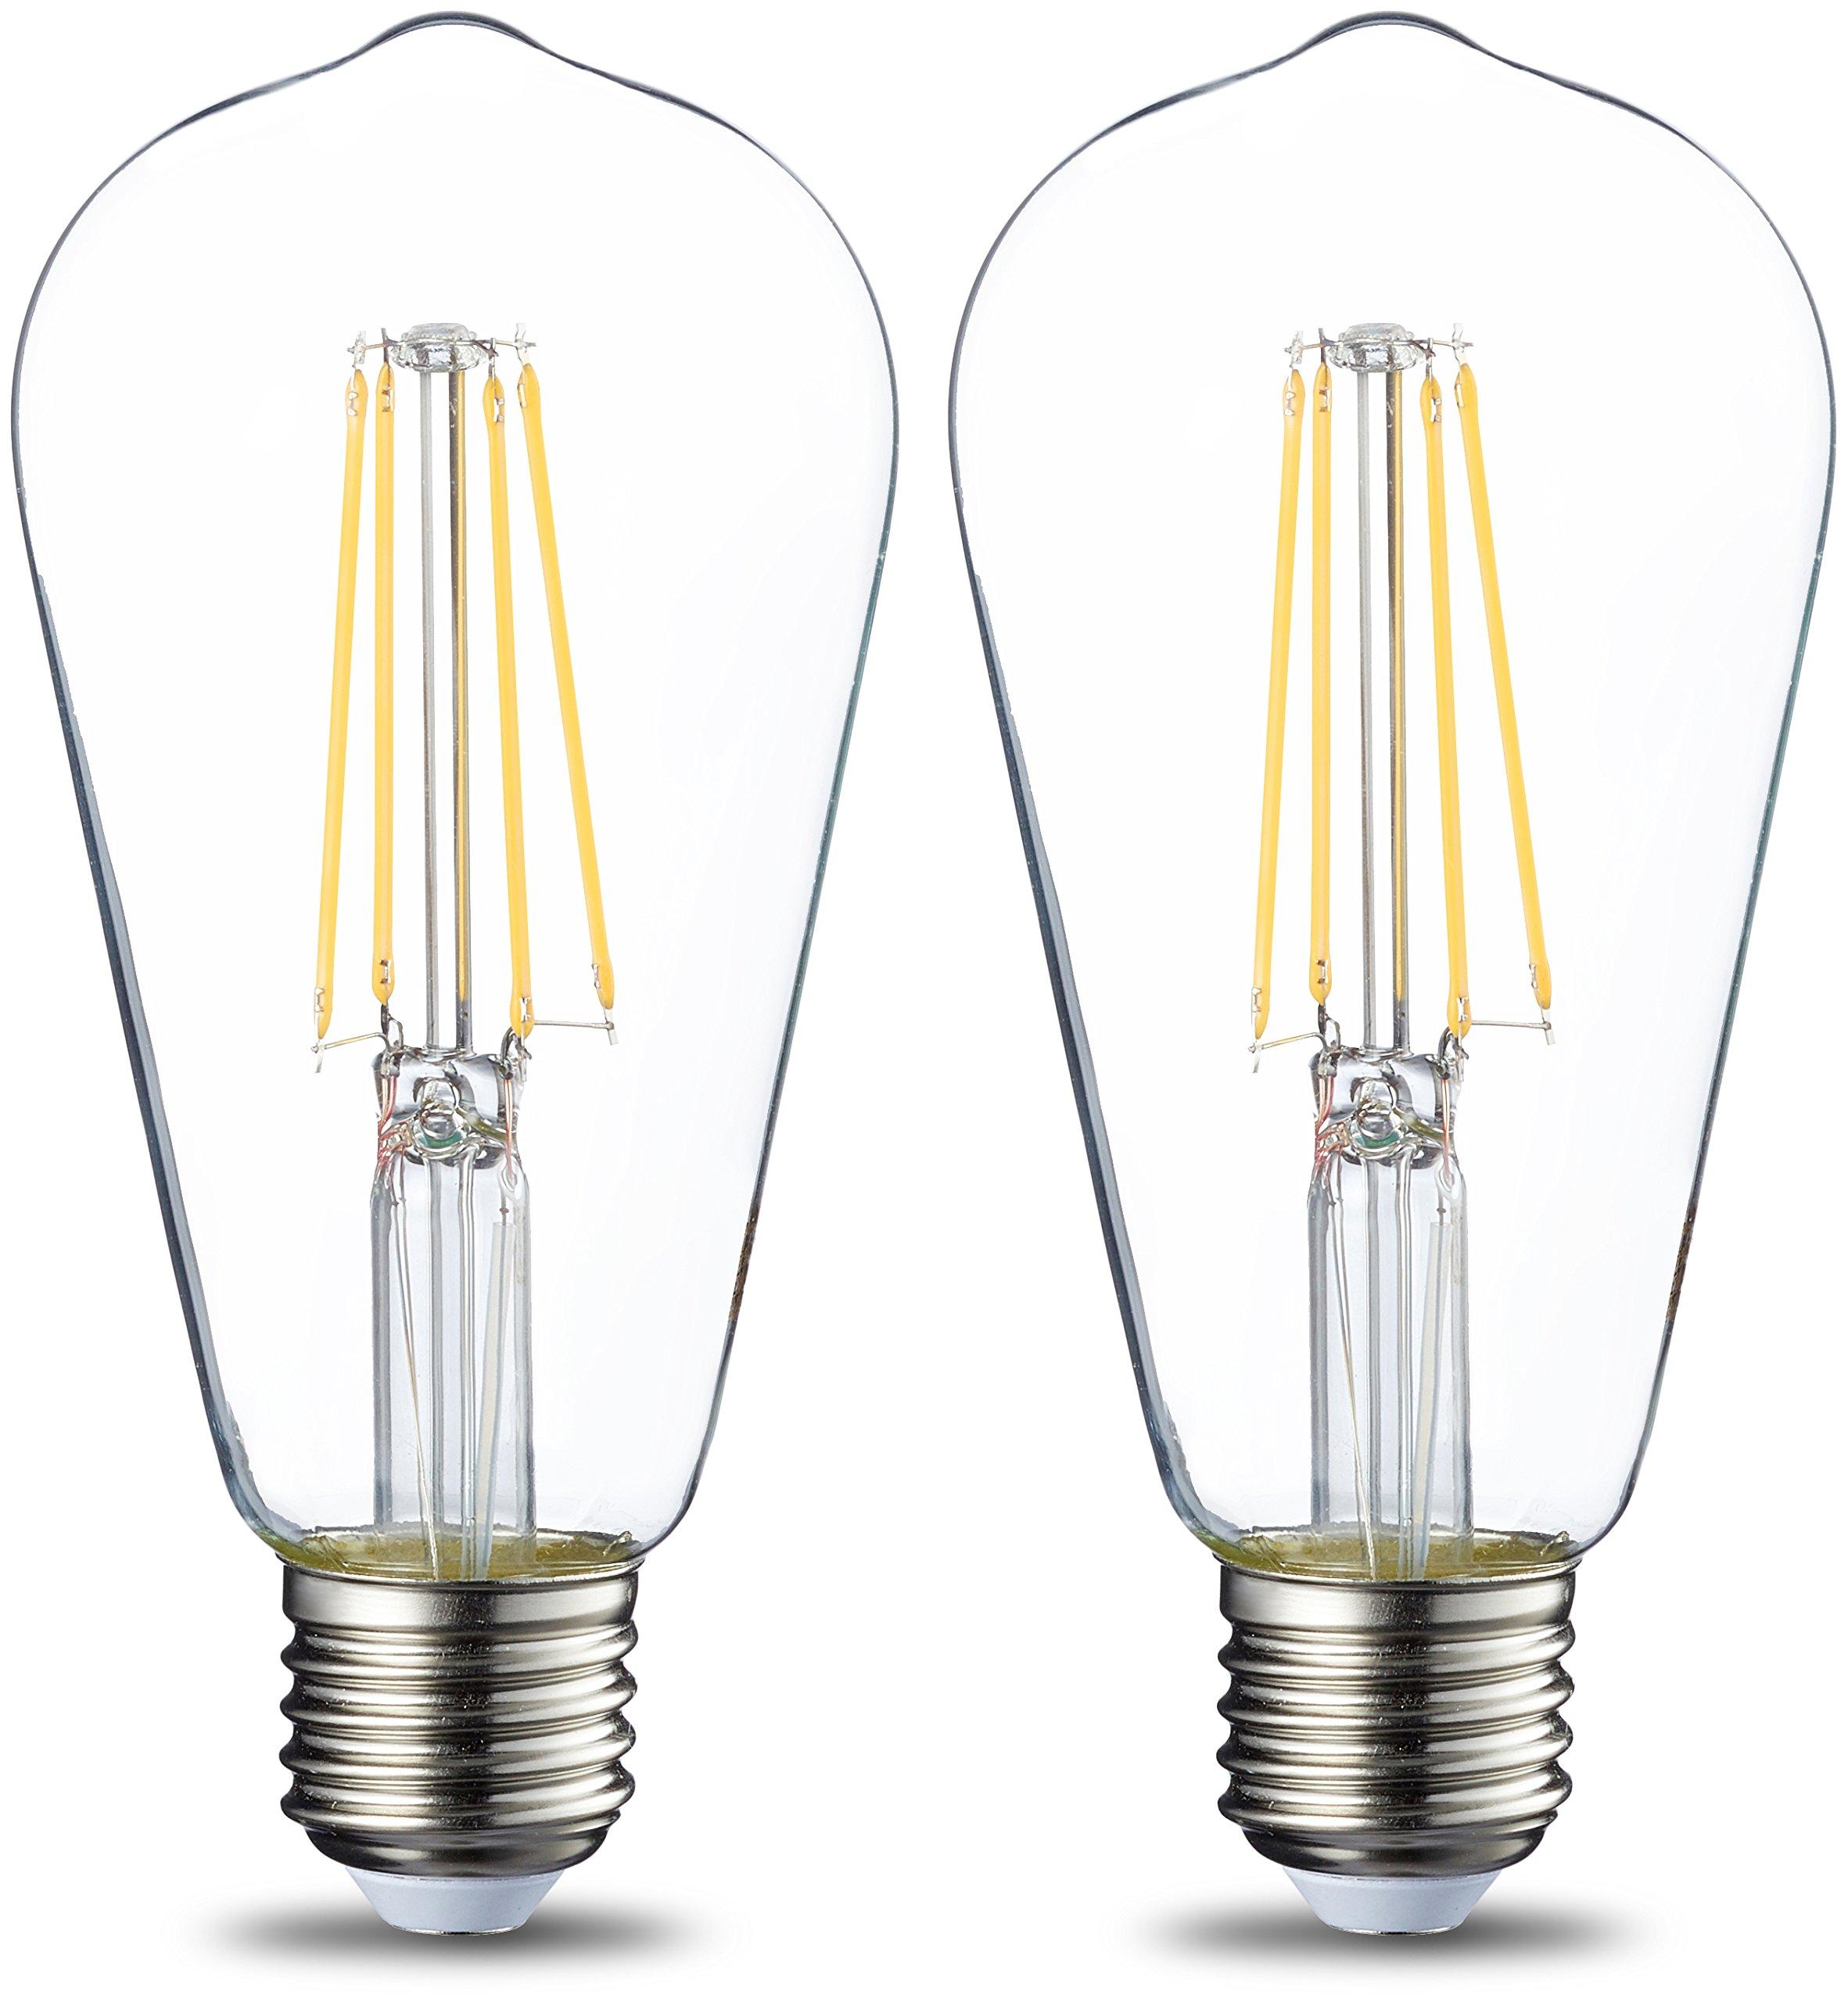 AmazonBasics Bombilla LED Esférica E27 Vintage Edison, ST64, 7W (equivalente a 60W)